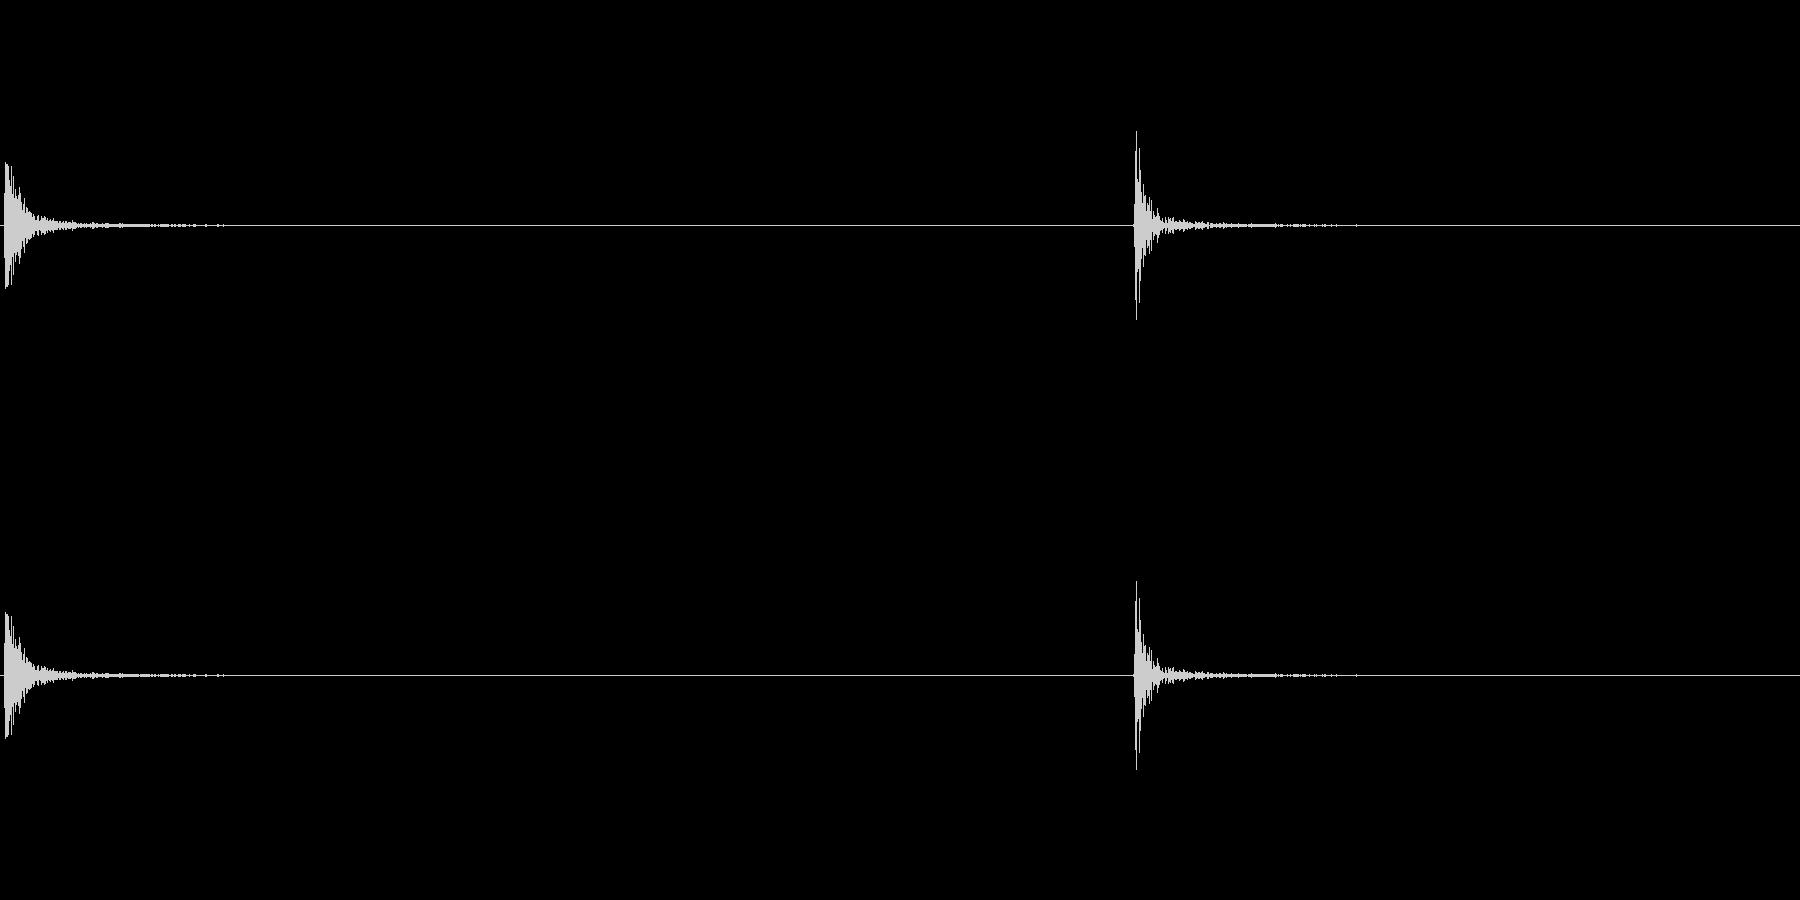 パソコンマウスクリック音の未再生の波形